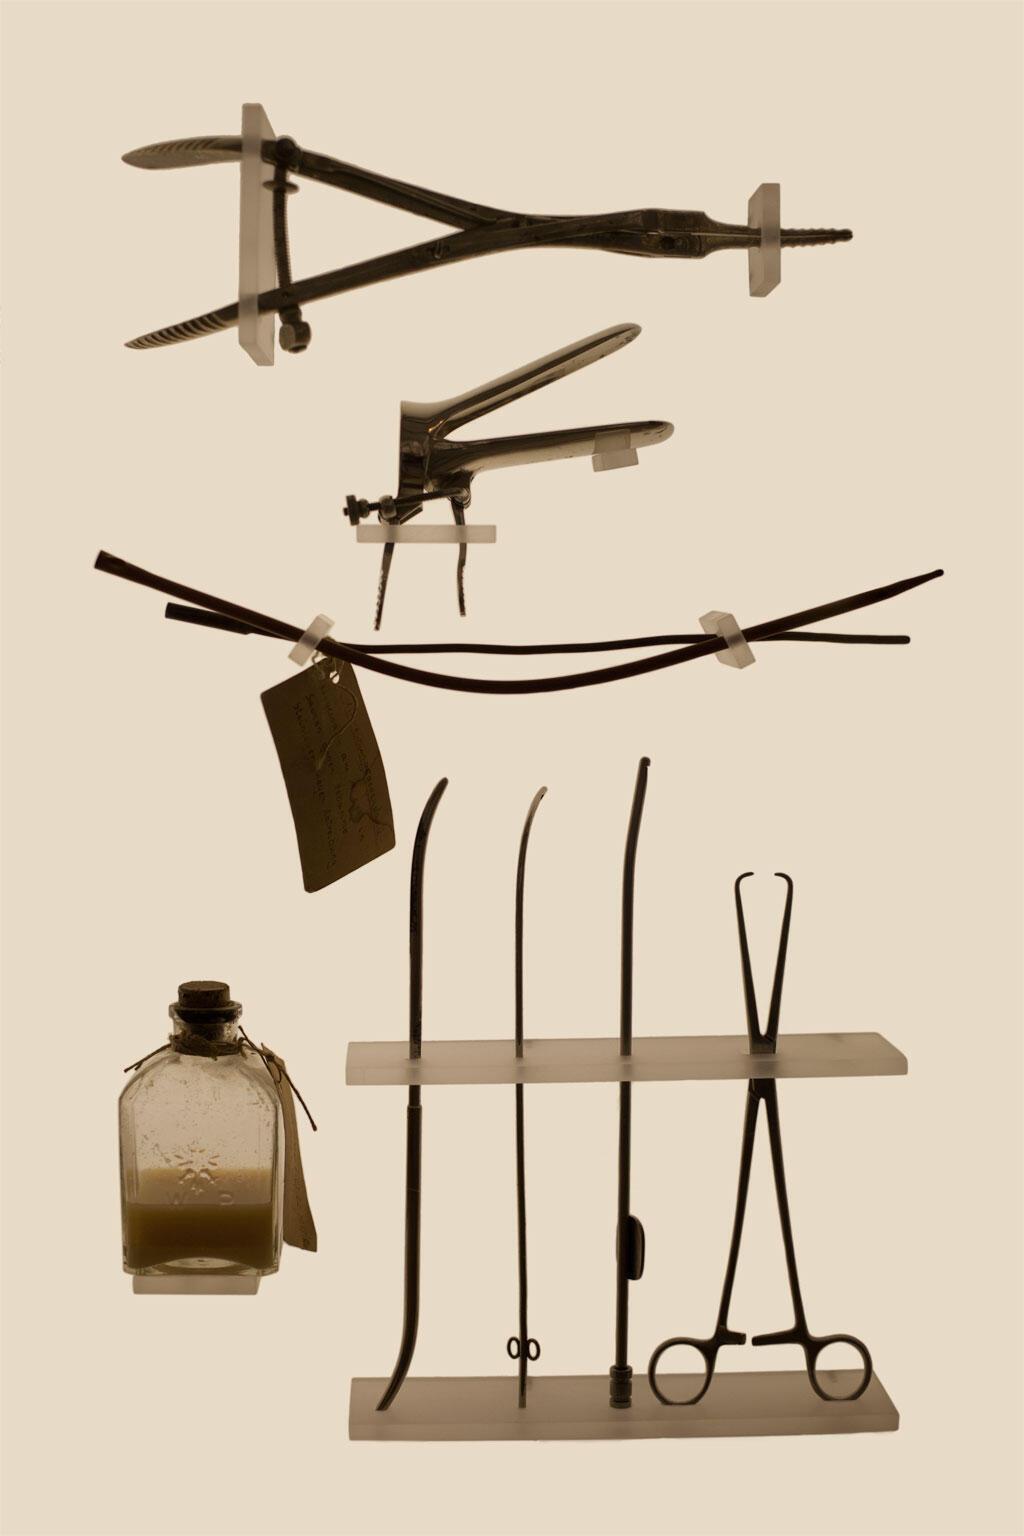 Objetos usados em abortos, exposição de Laia Abril, em Paris.